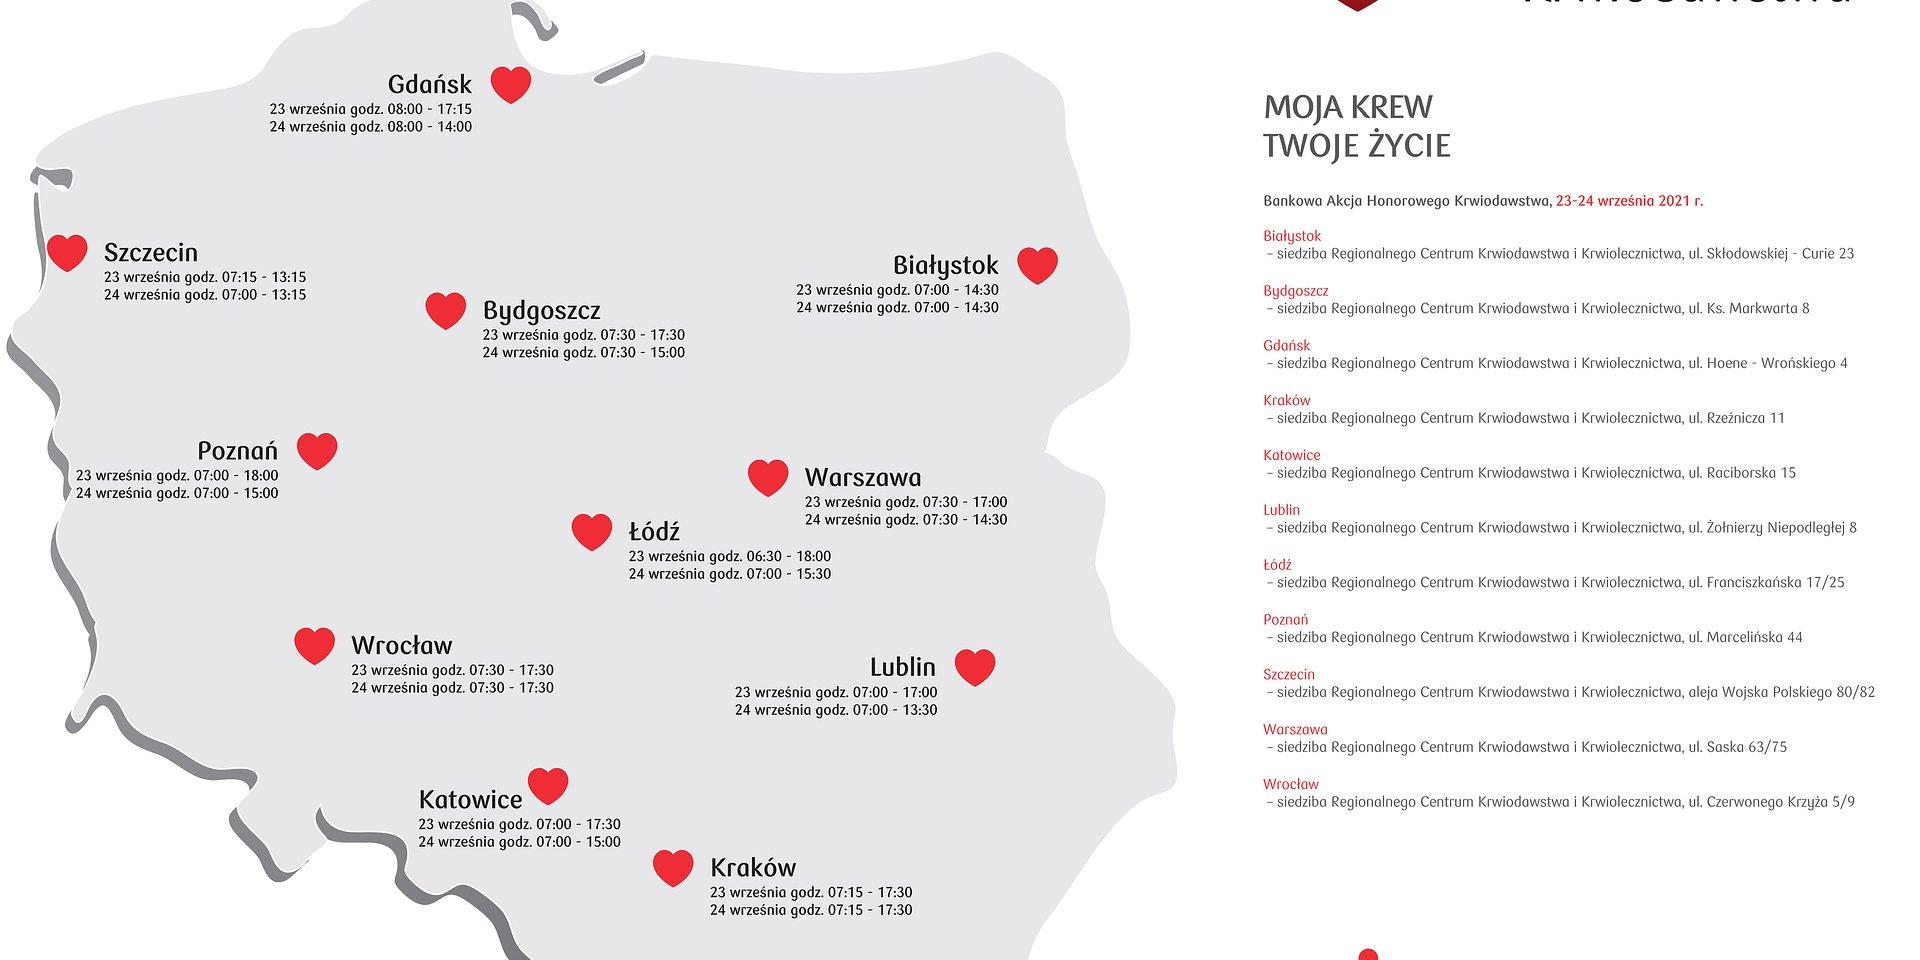 Jesienna Bankowa Akcja Honorowego Krwiodawstwa we Wrocławiu – 23 i 24 września.